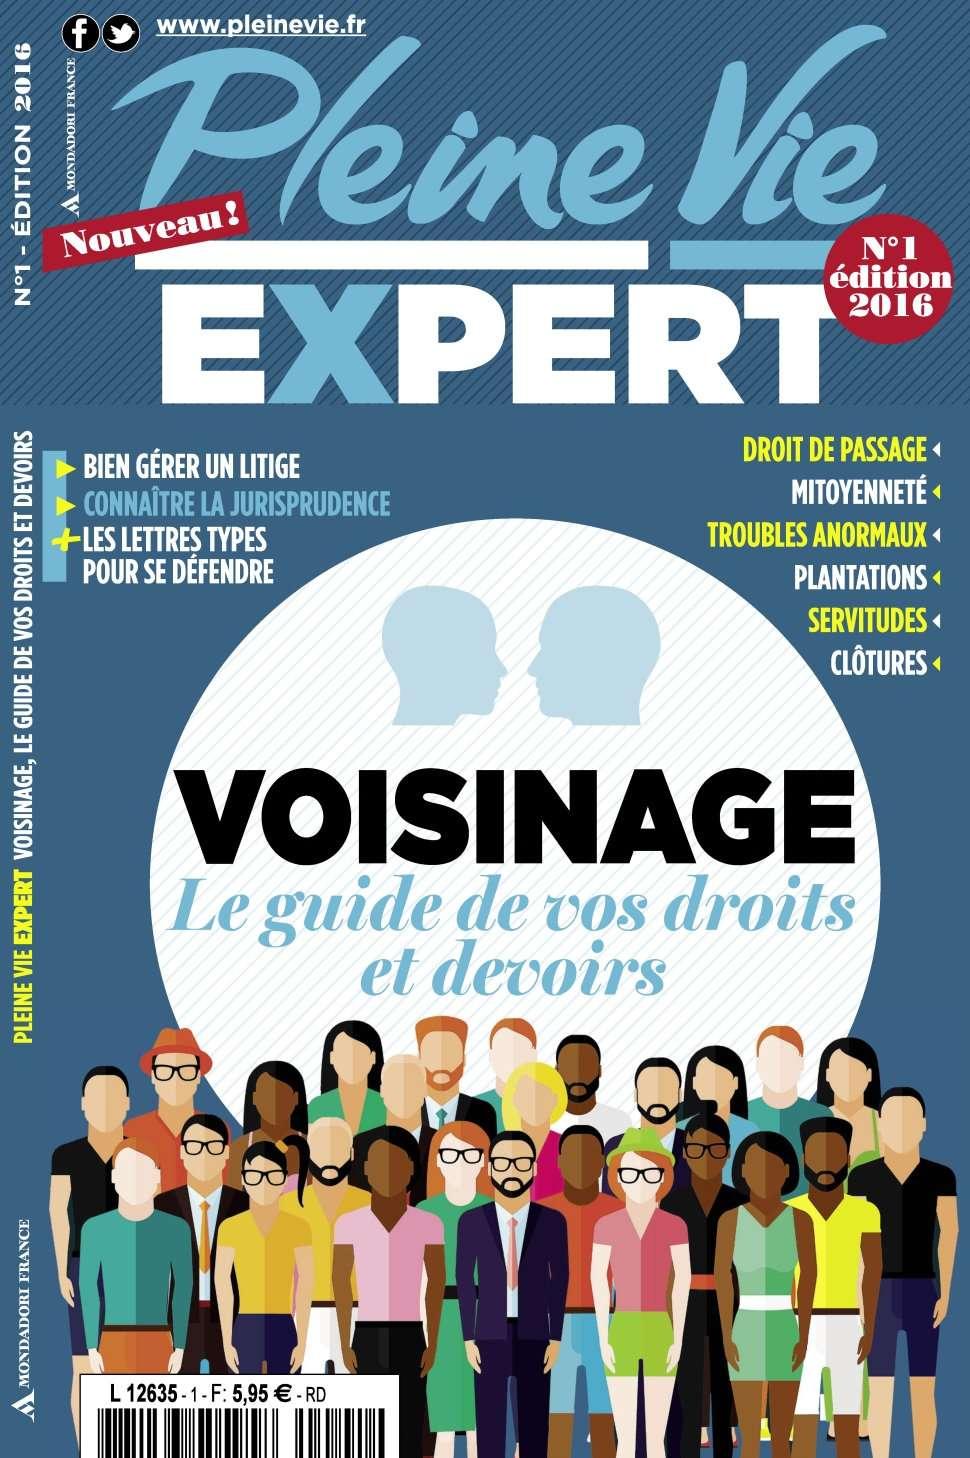 Pleine Vie Expert 1 - Edition 2016